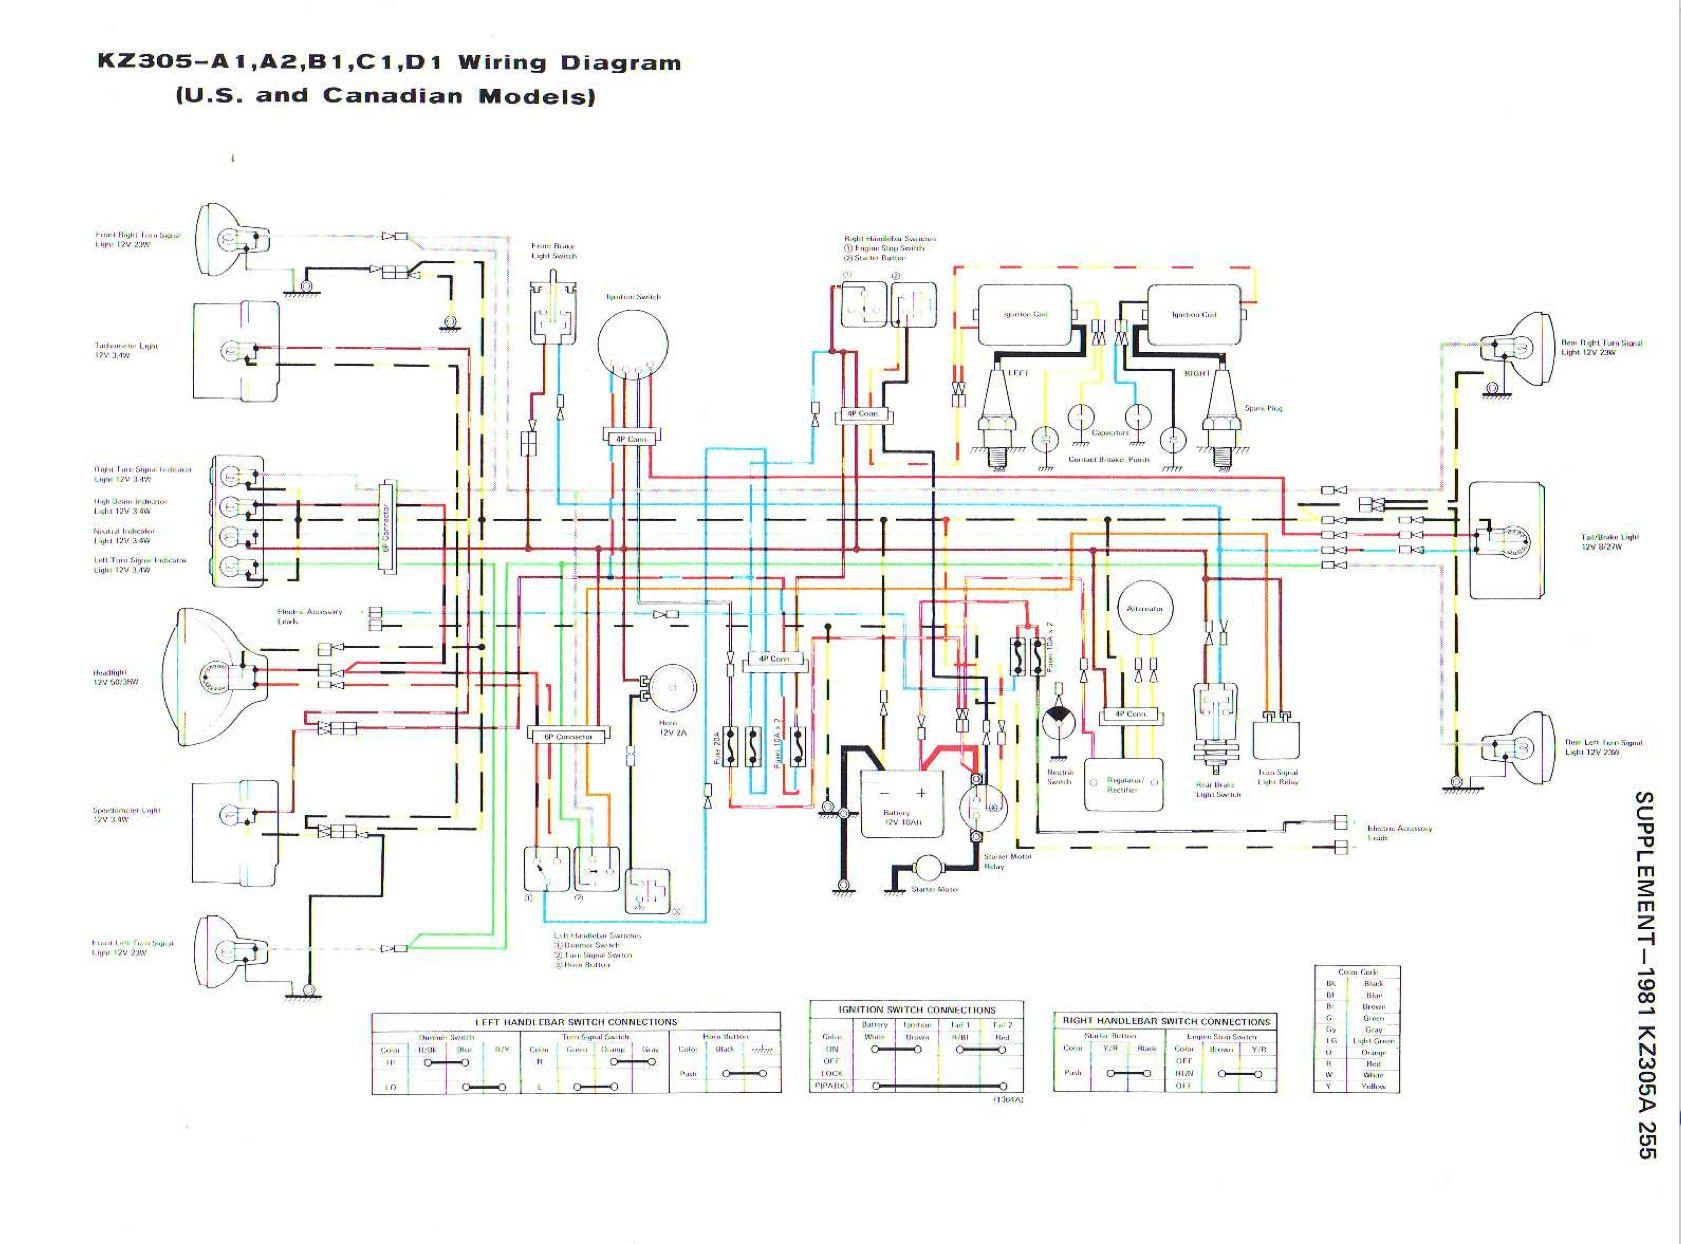 [SCHEMATICS_4CA]  LV_3525] 1982 Kawasaki Kz1300 Wiring Diagrams Schematic Wiring   Kawasaki 1300 Wiring Diagram      Ynthe Funi Icism Viewor Mohammedshrine Librar Wiring 101